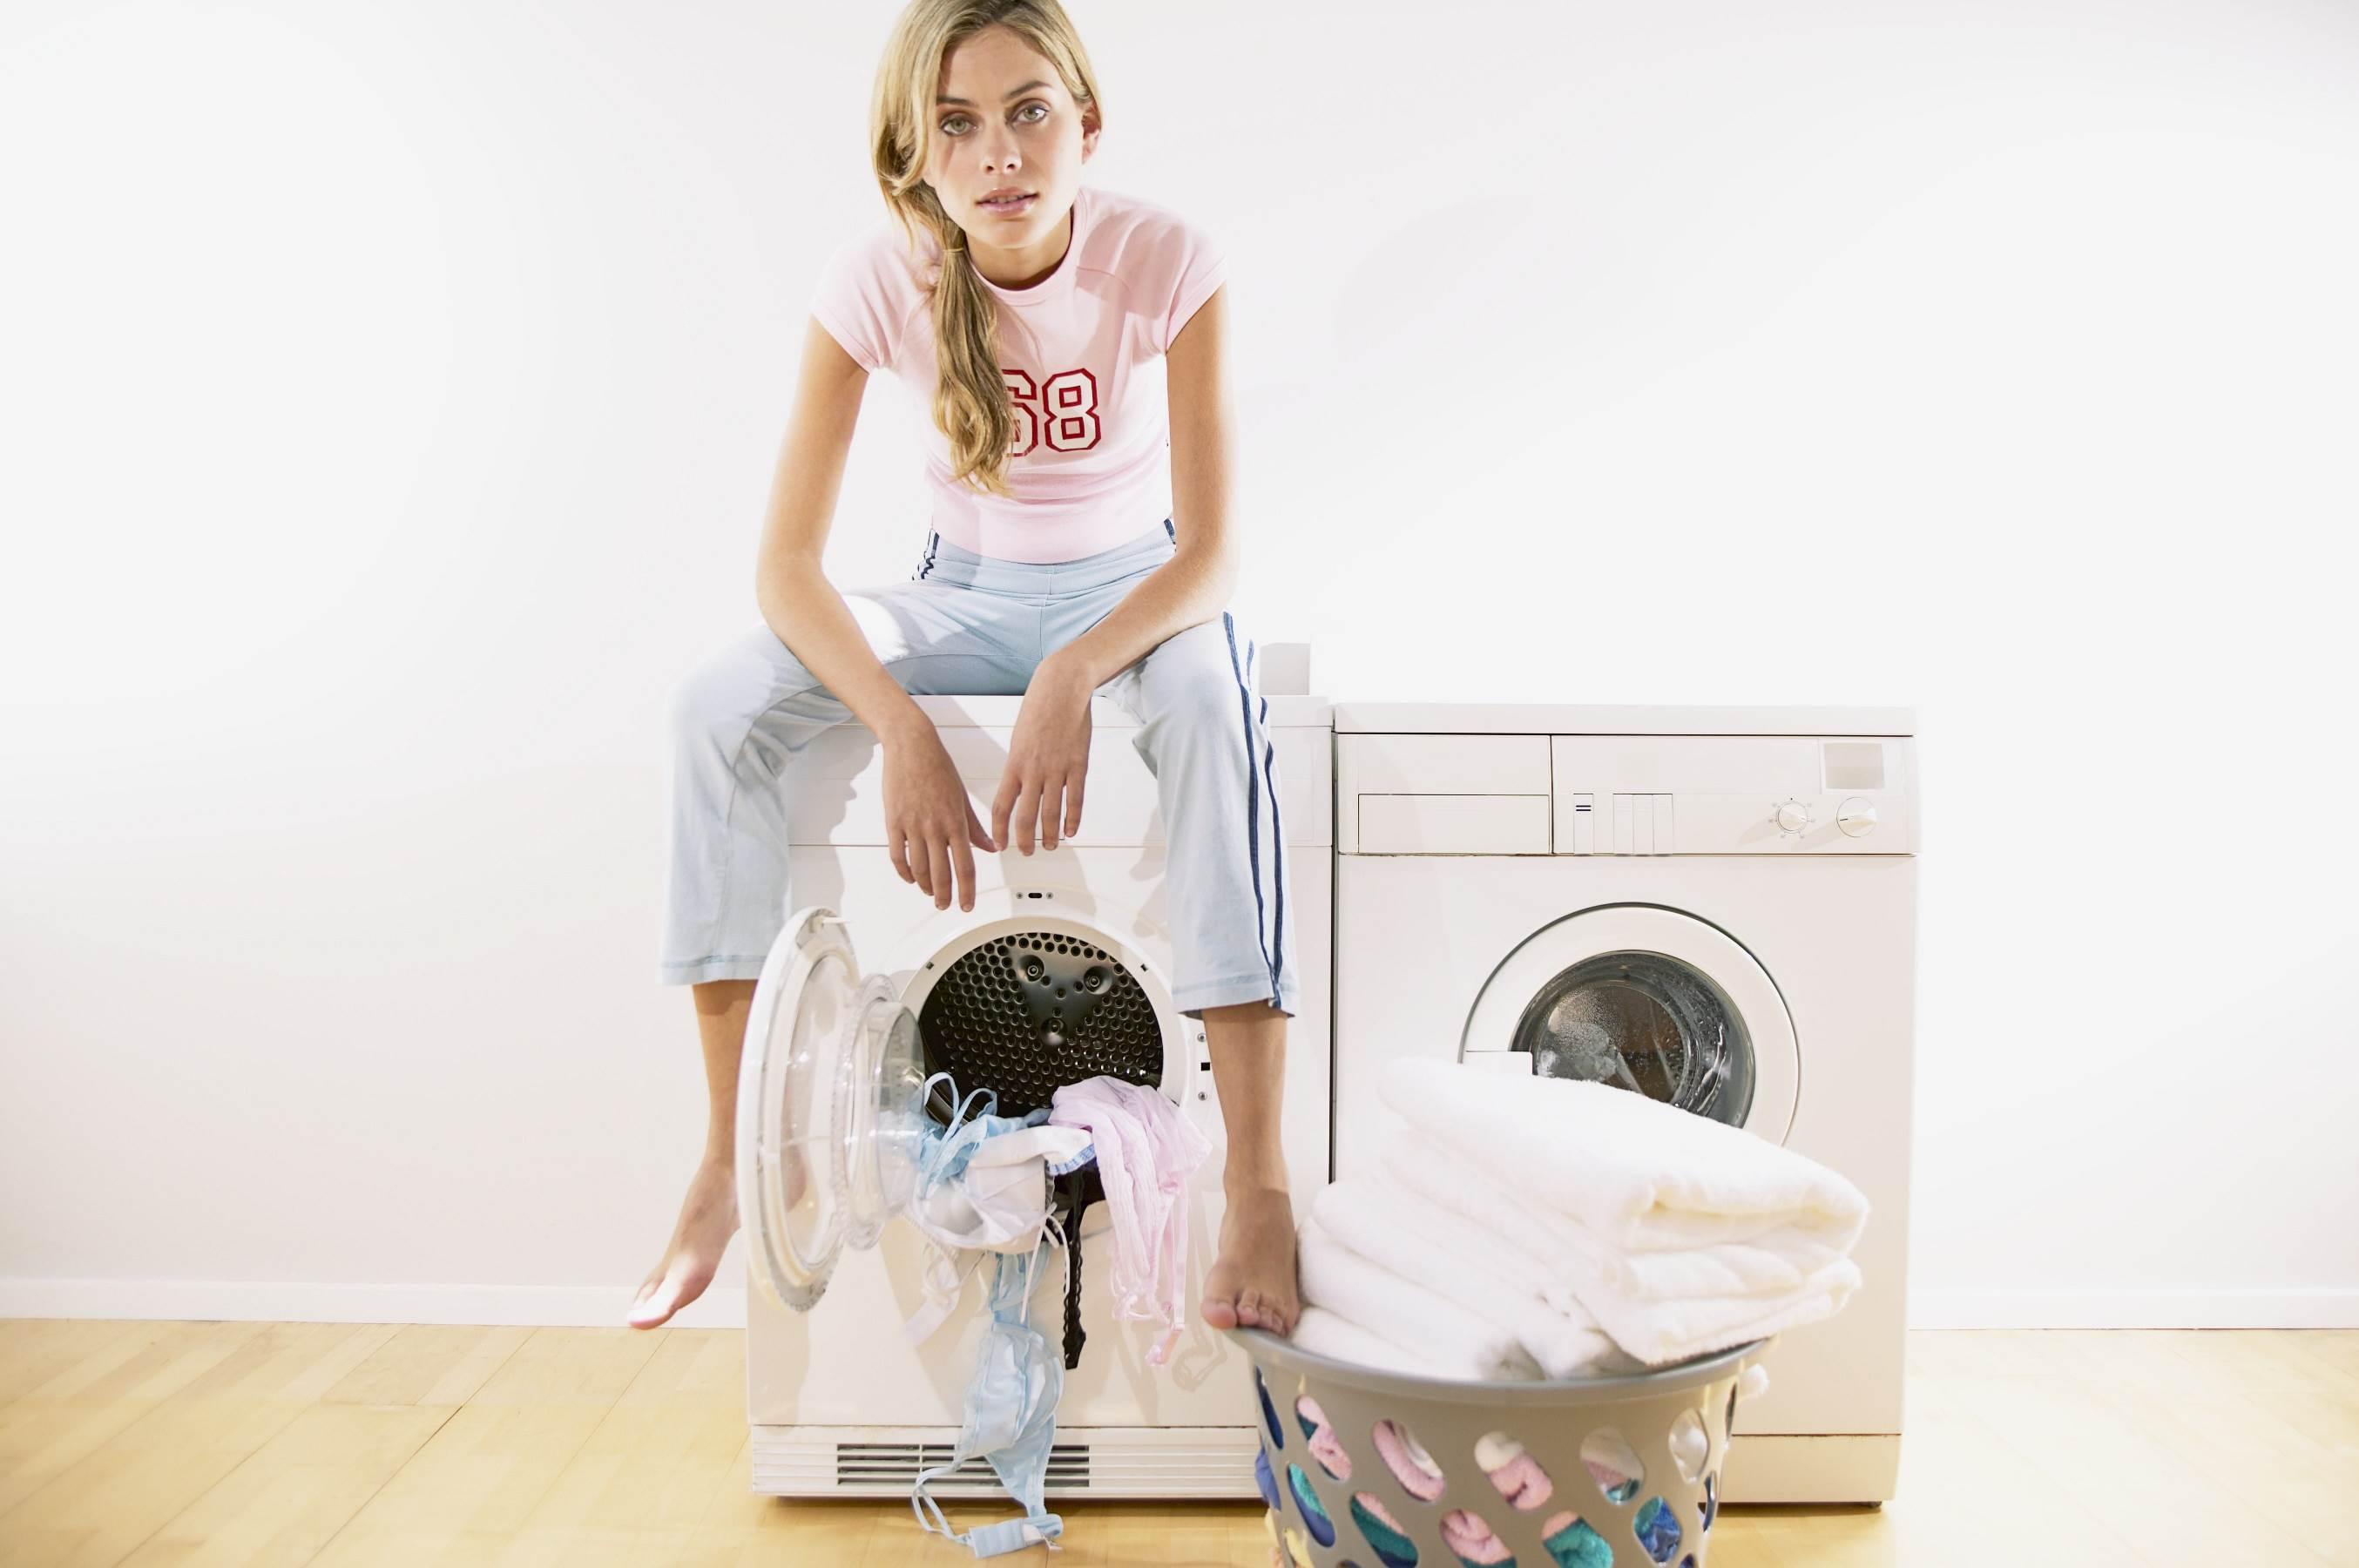 ремонт стиральных машин, ремонт стиралок, стиральные машины новосибирске